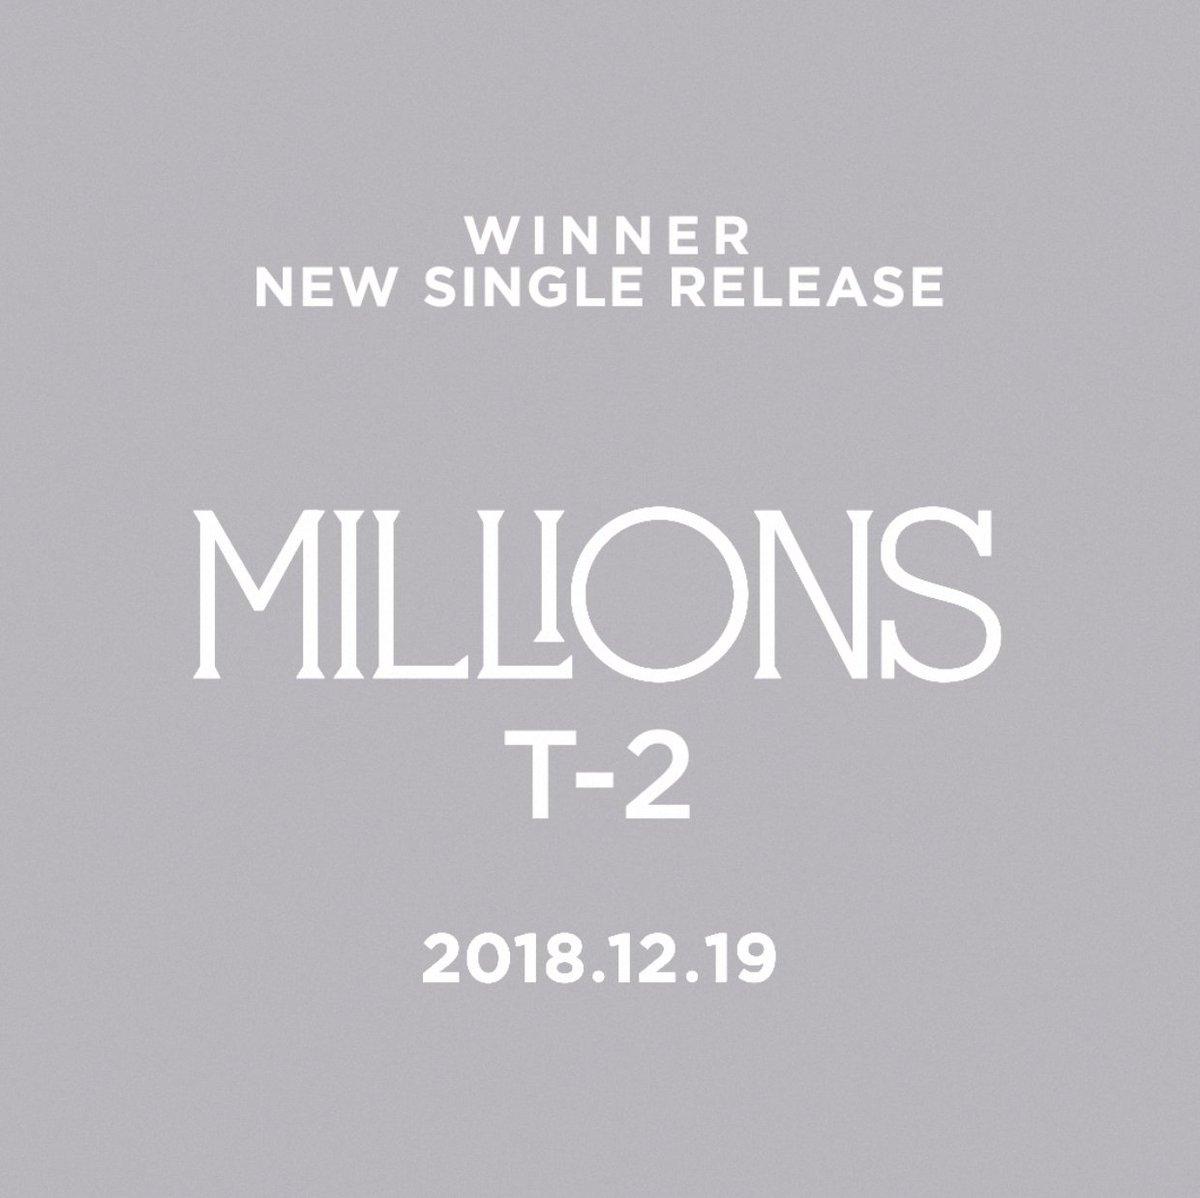 #WINNER 'MILLIONS' T-2 : JINU  New Single & M/V Release 🔜 2018.12.19 6PM(KST)  #WINNER #위너 #NEW_SINGLE #MILLIONS #T-2 #JINU #RELEASE #20181219_6PM #YG